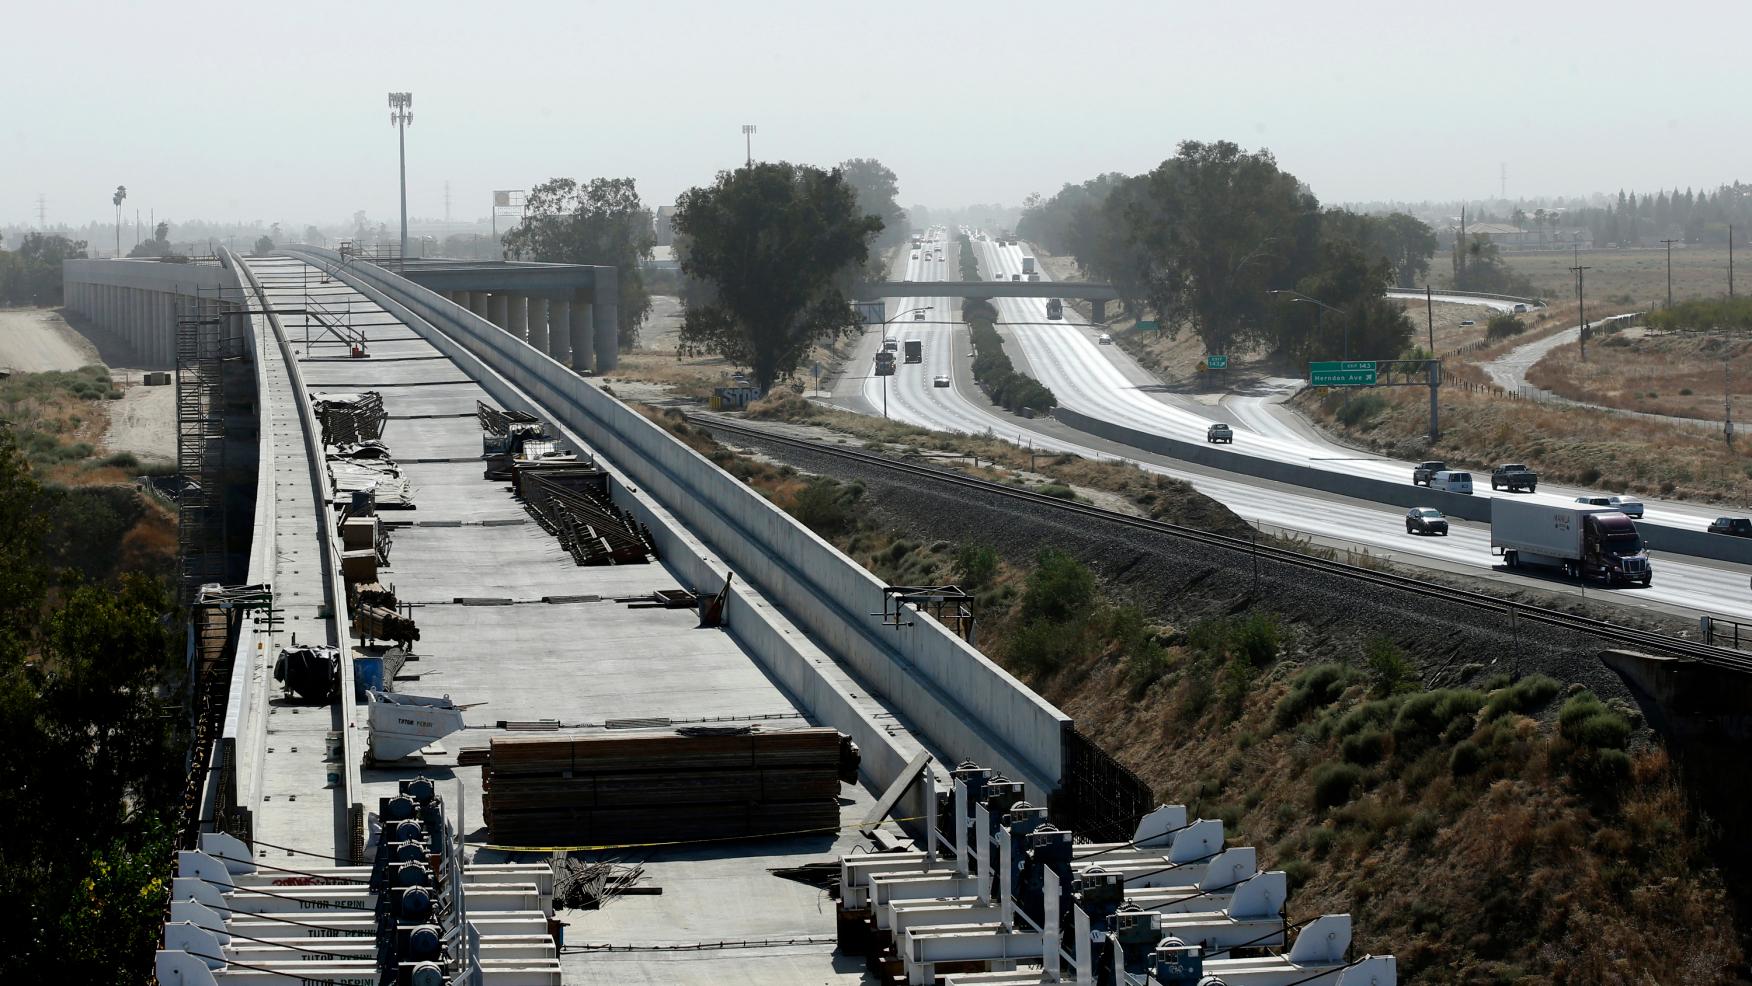 加州高鐵位於加州中谷大城佛斯盧(Fresno)的高架橋建設工程。美聯社